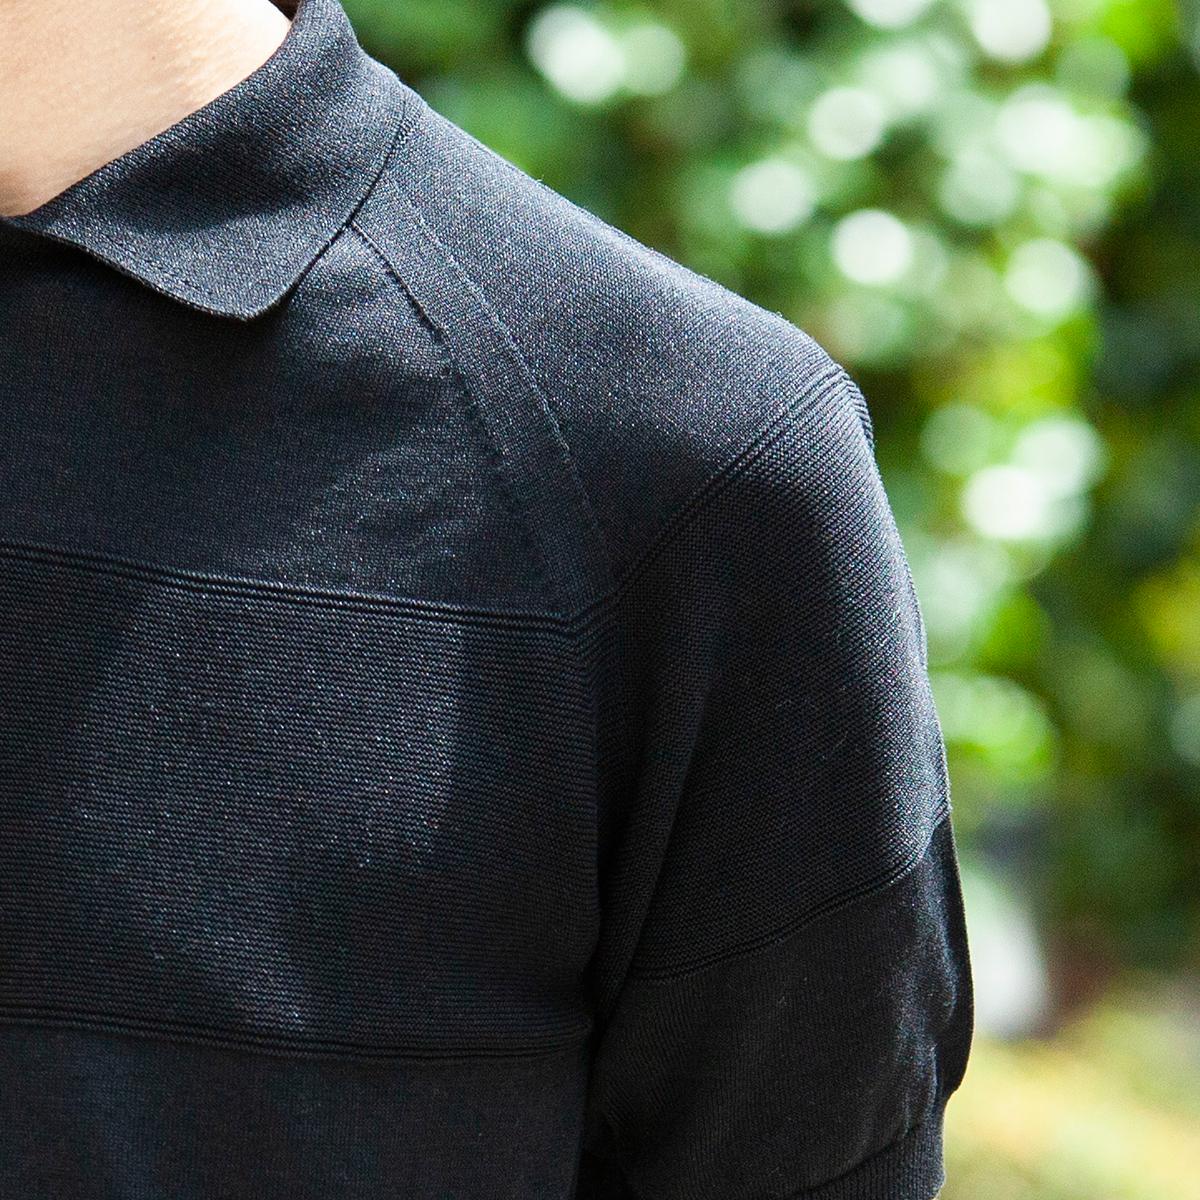 着心地をとことん追求した夏の新定番にしたいポロシャツ。汗でベタつかない、匂わない、綿より軽い!三拍子揃った「ニットポロシャツ」|伊予和紙ポロシャツ